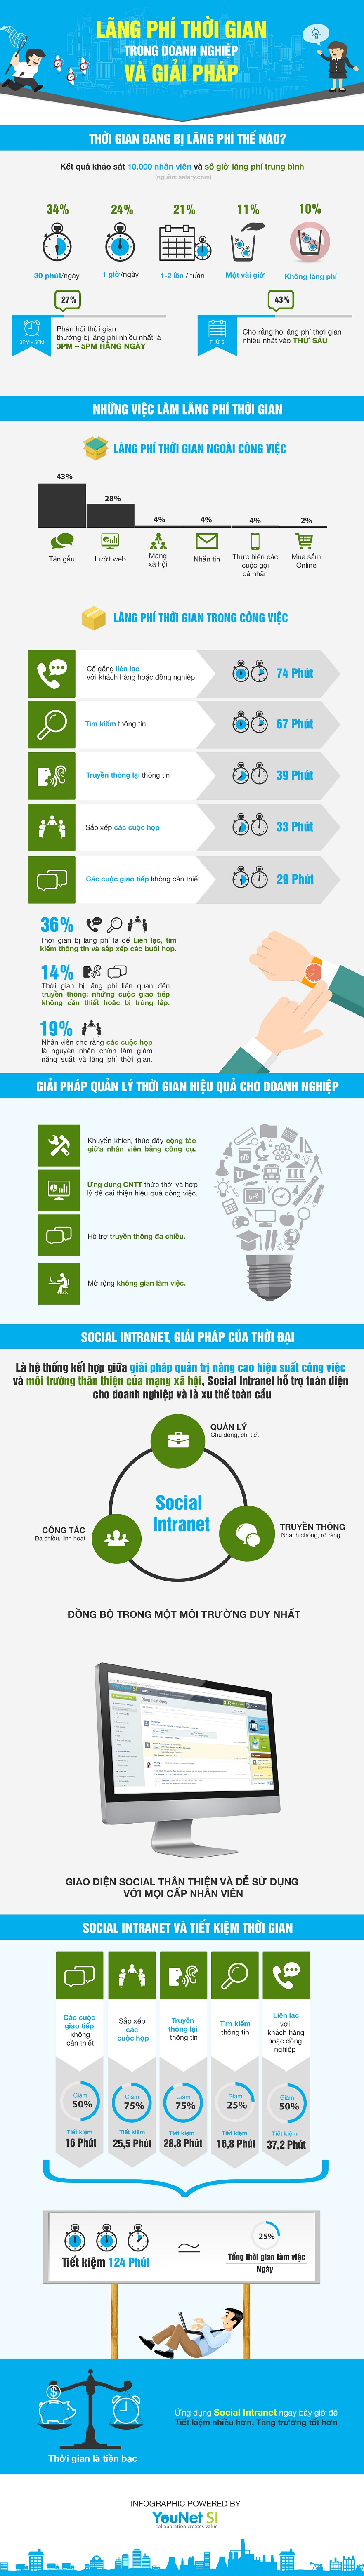 Infographic - Lãnh Phí Thời Gian Trong Công Sở http://www.infographic24h.com/2014/12/Lang-Phi-Thoi-Gian-va-Tien-BAc.html